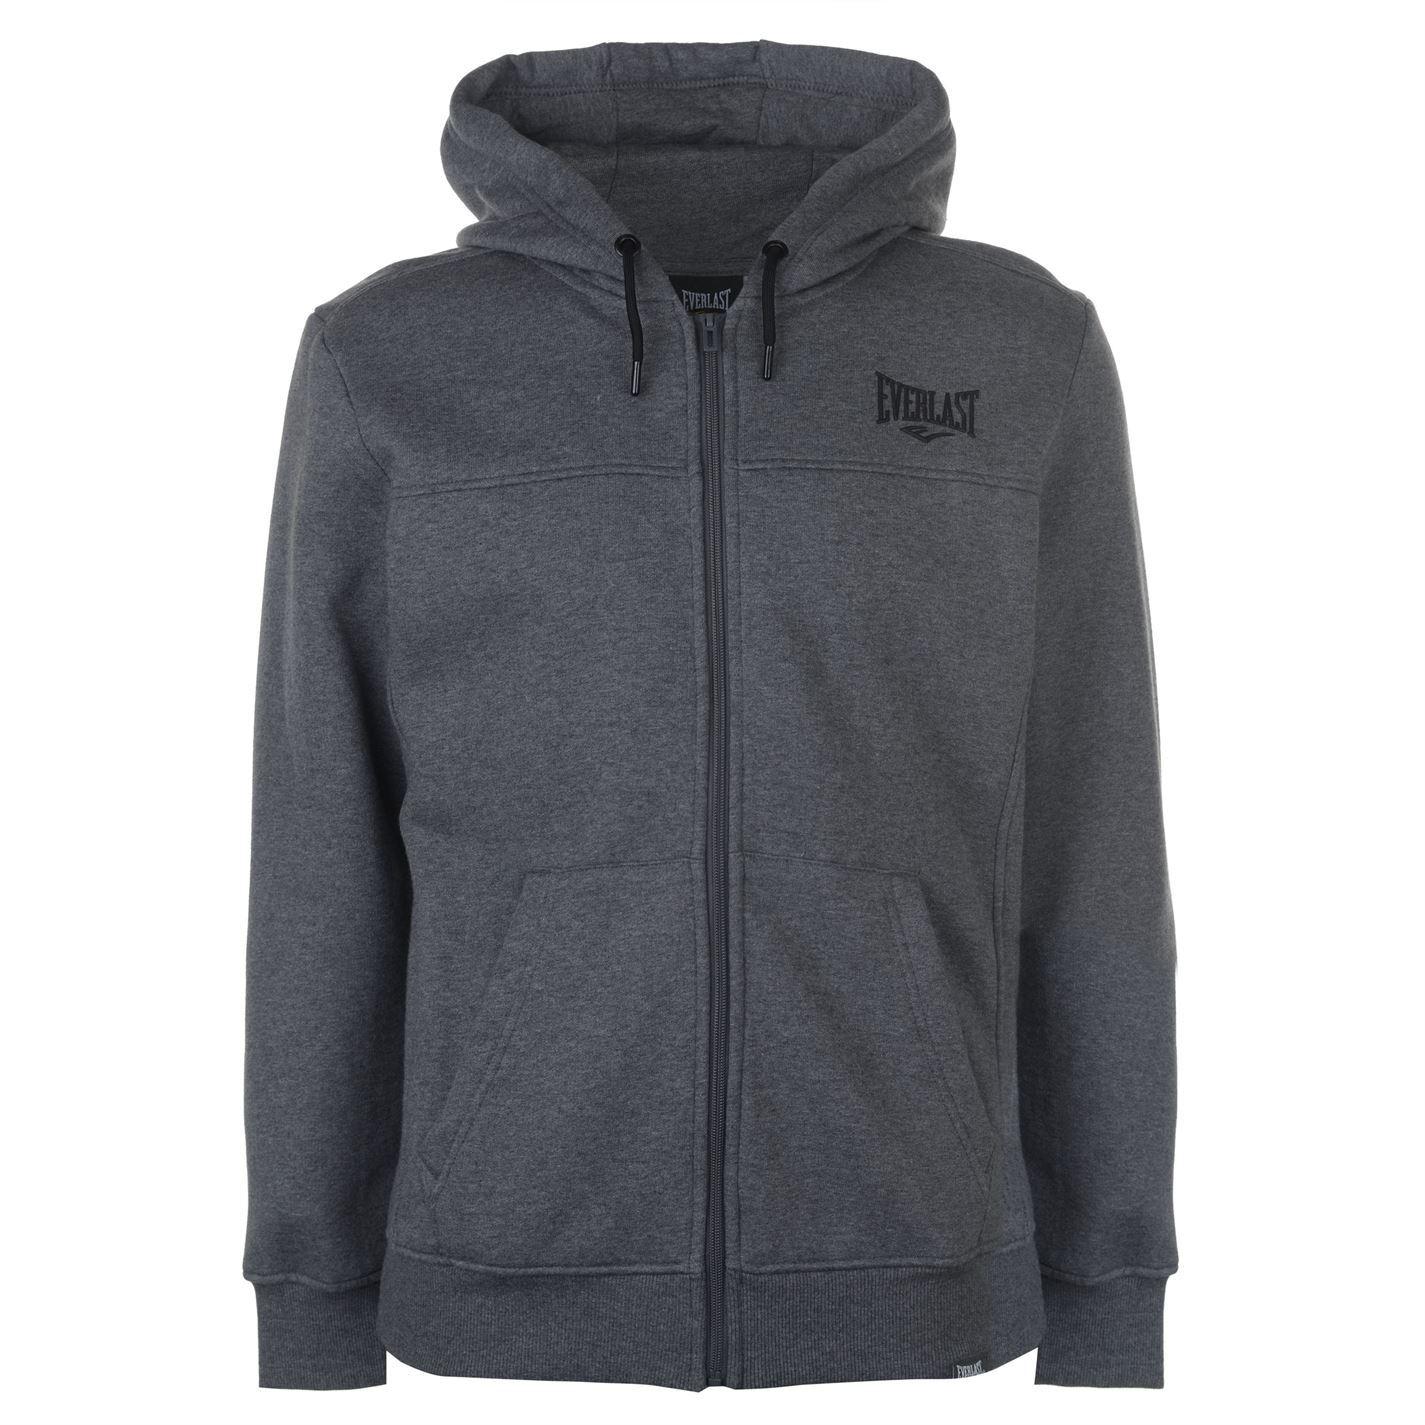 Everlast-Logo-Full-Zip-Hoody-Jacket-Mens-Hoodie-Sweatshirt-Sweater-Hooded-Top thumbnail 20